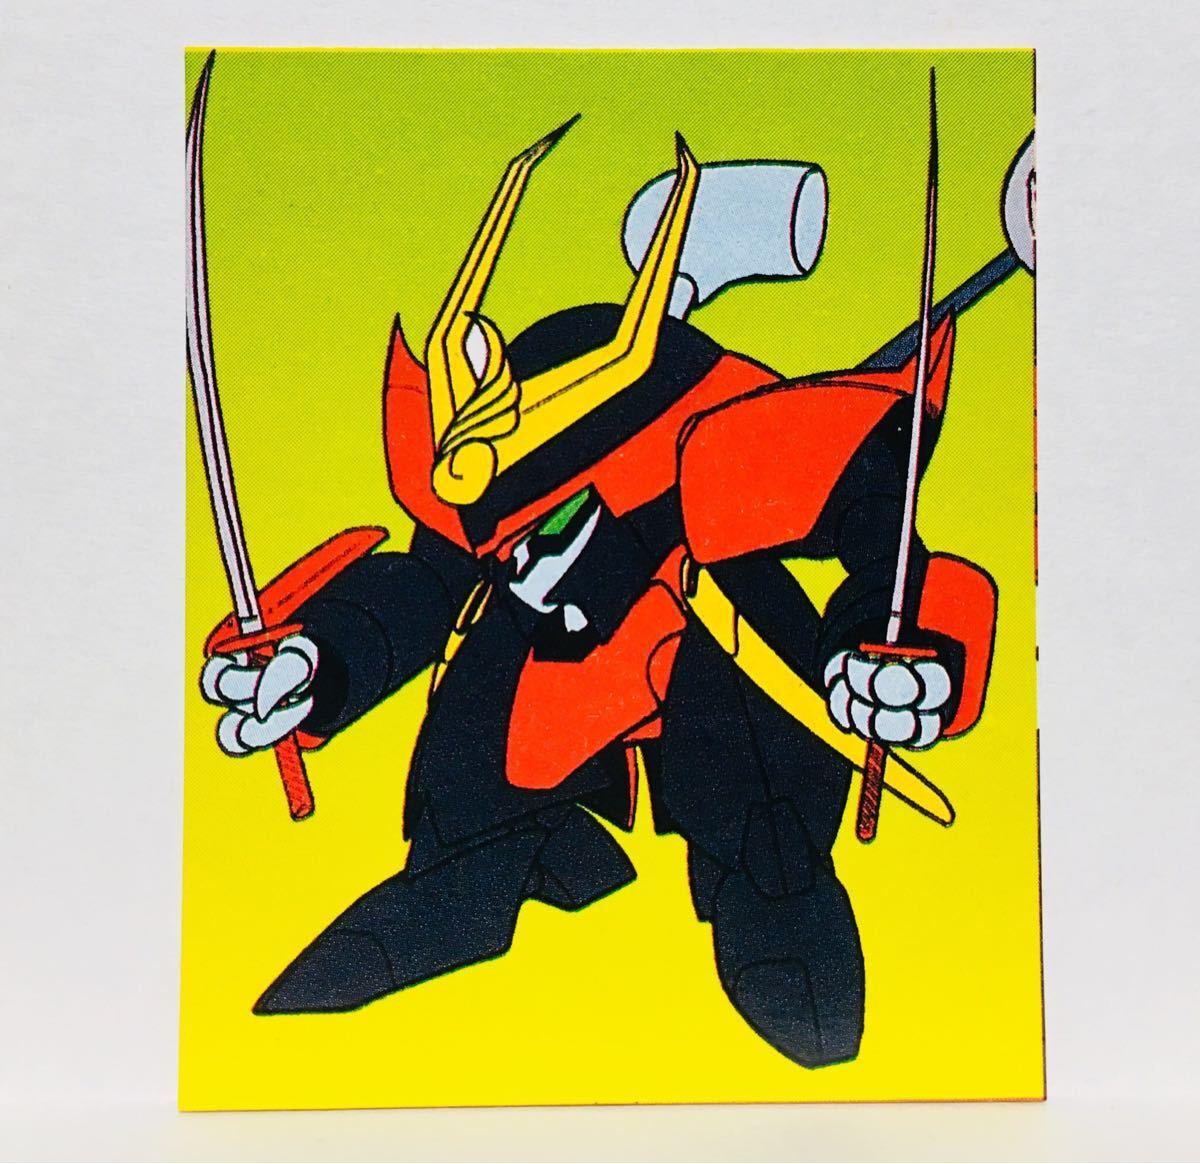 ◆ 魔神英雄伝ワタル カード ③⑧ 駄菓子屋 引き物 昭和 レトロ 当時物 ビンテージ 漫画 アニメ_画像1